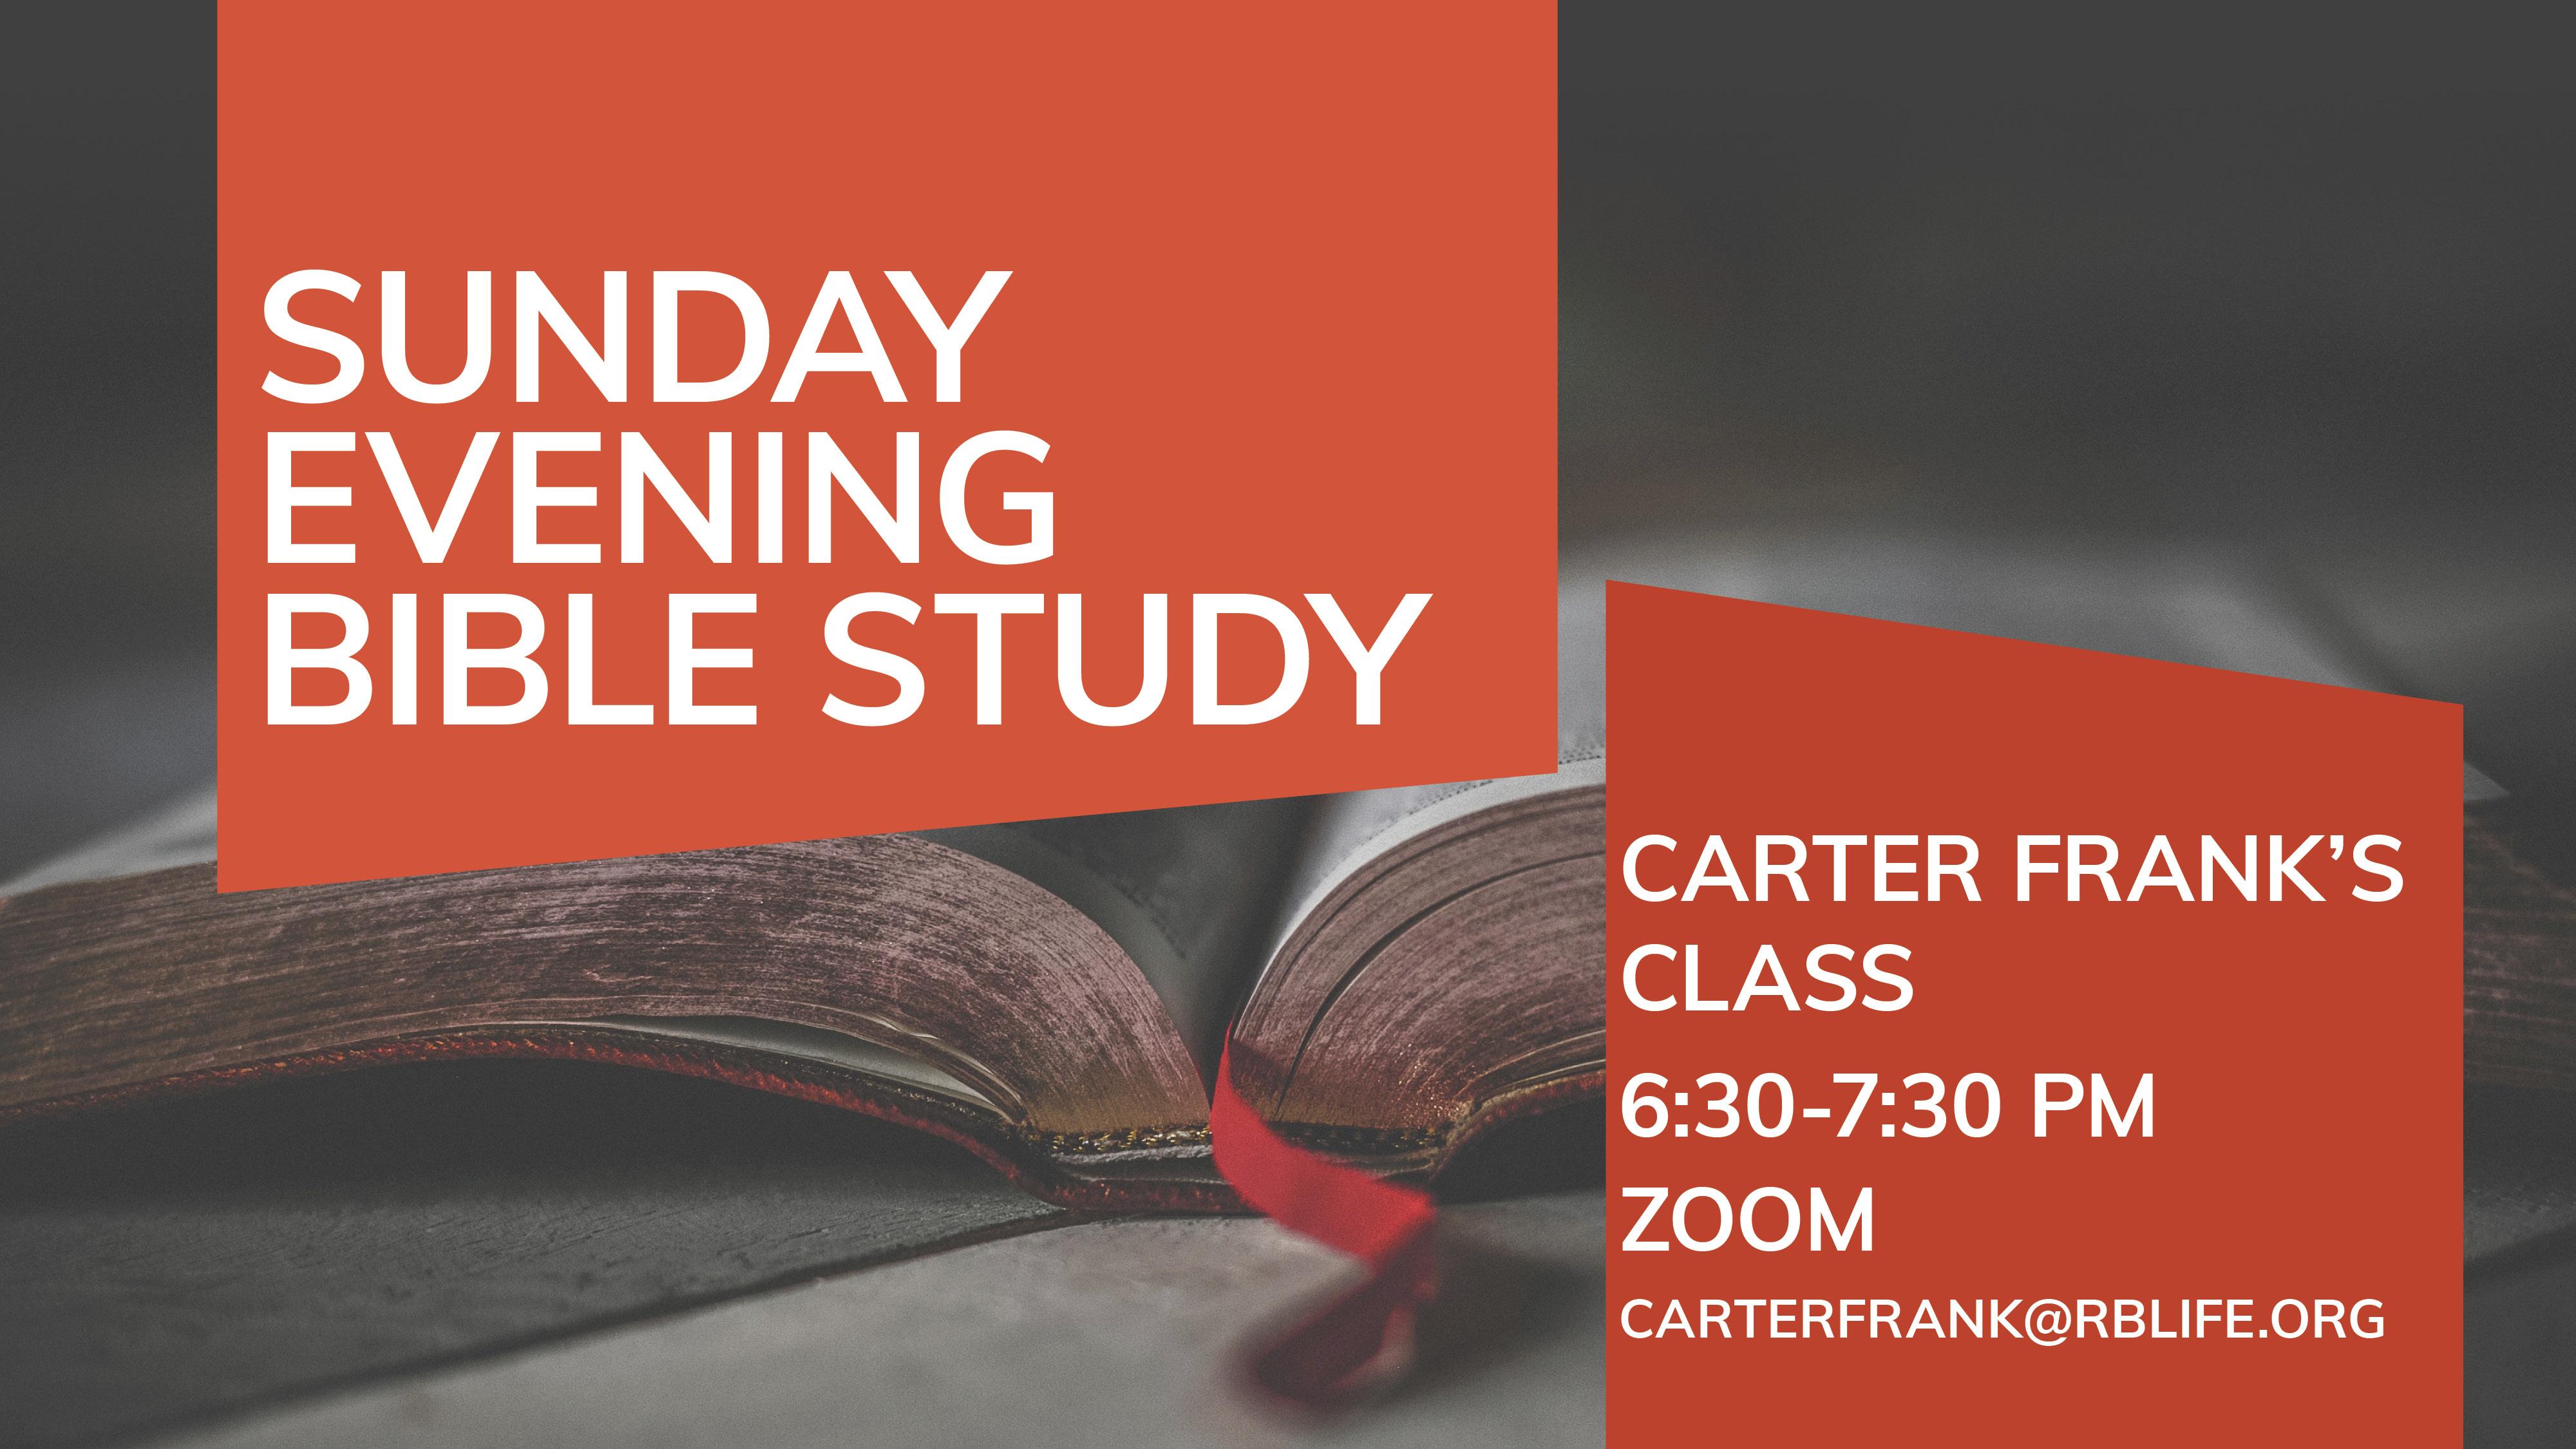 Bible Study/Carter Frank